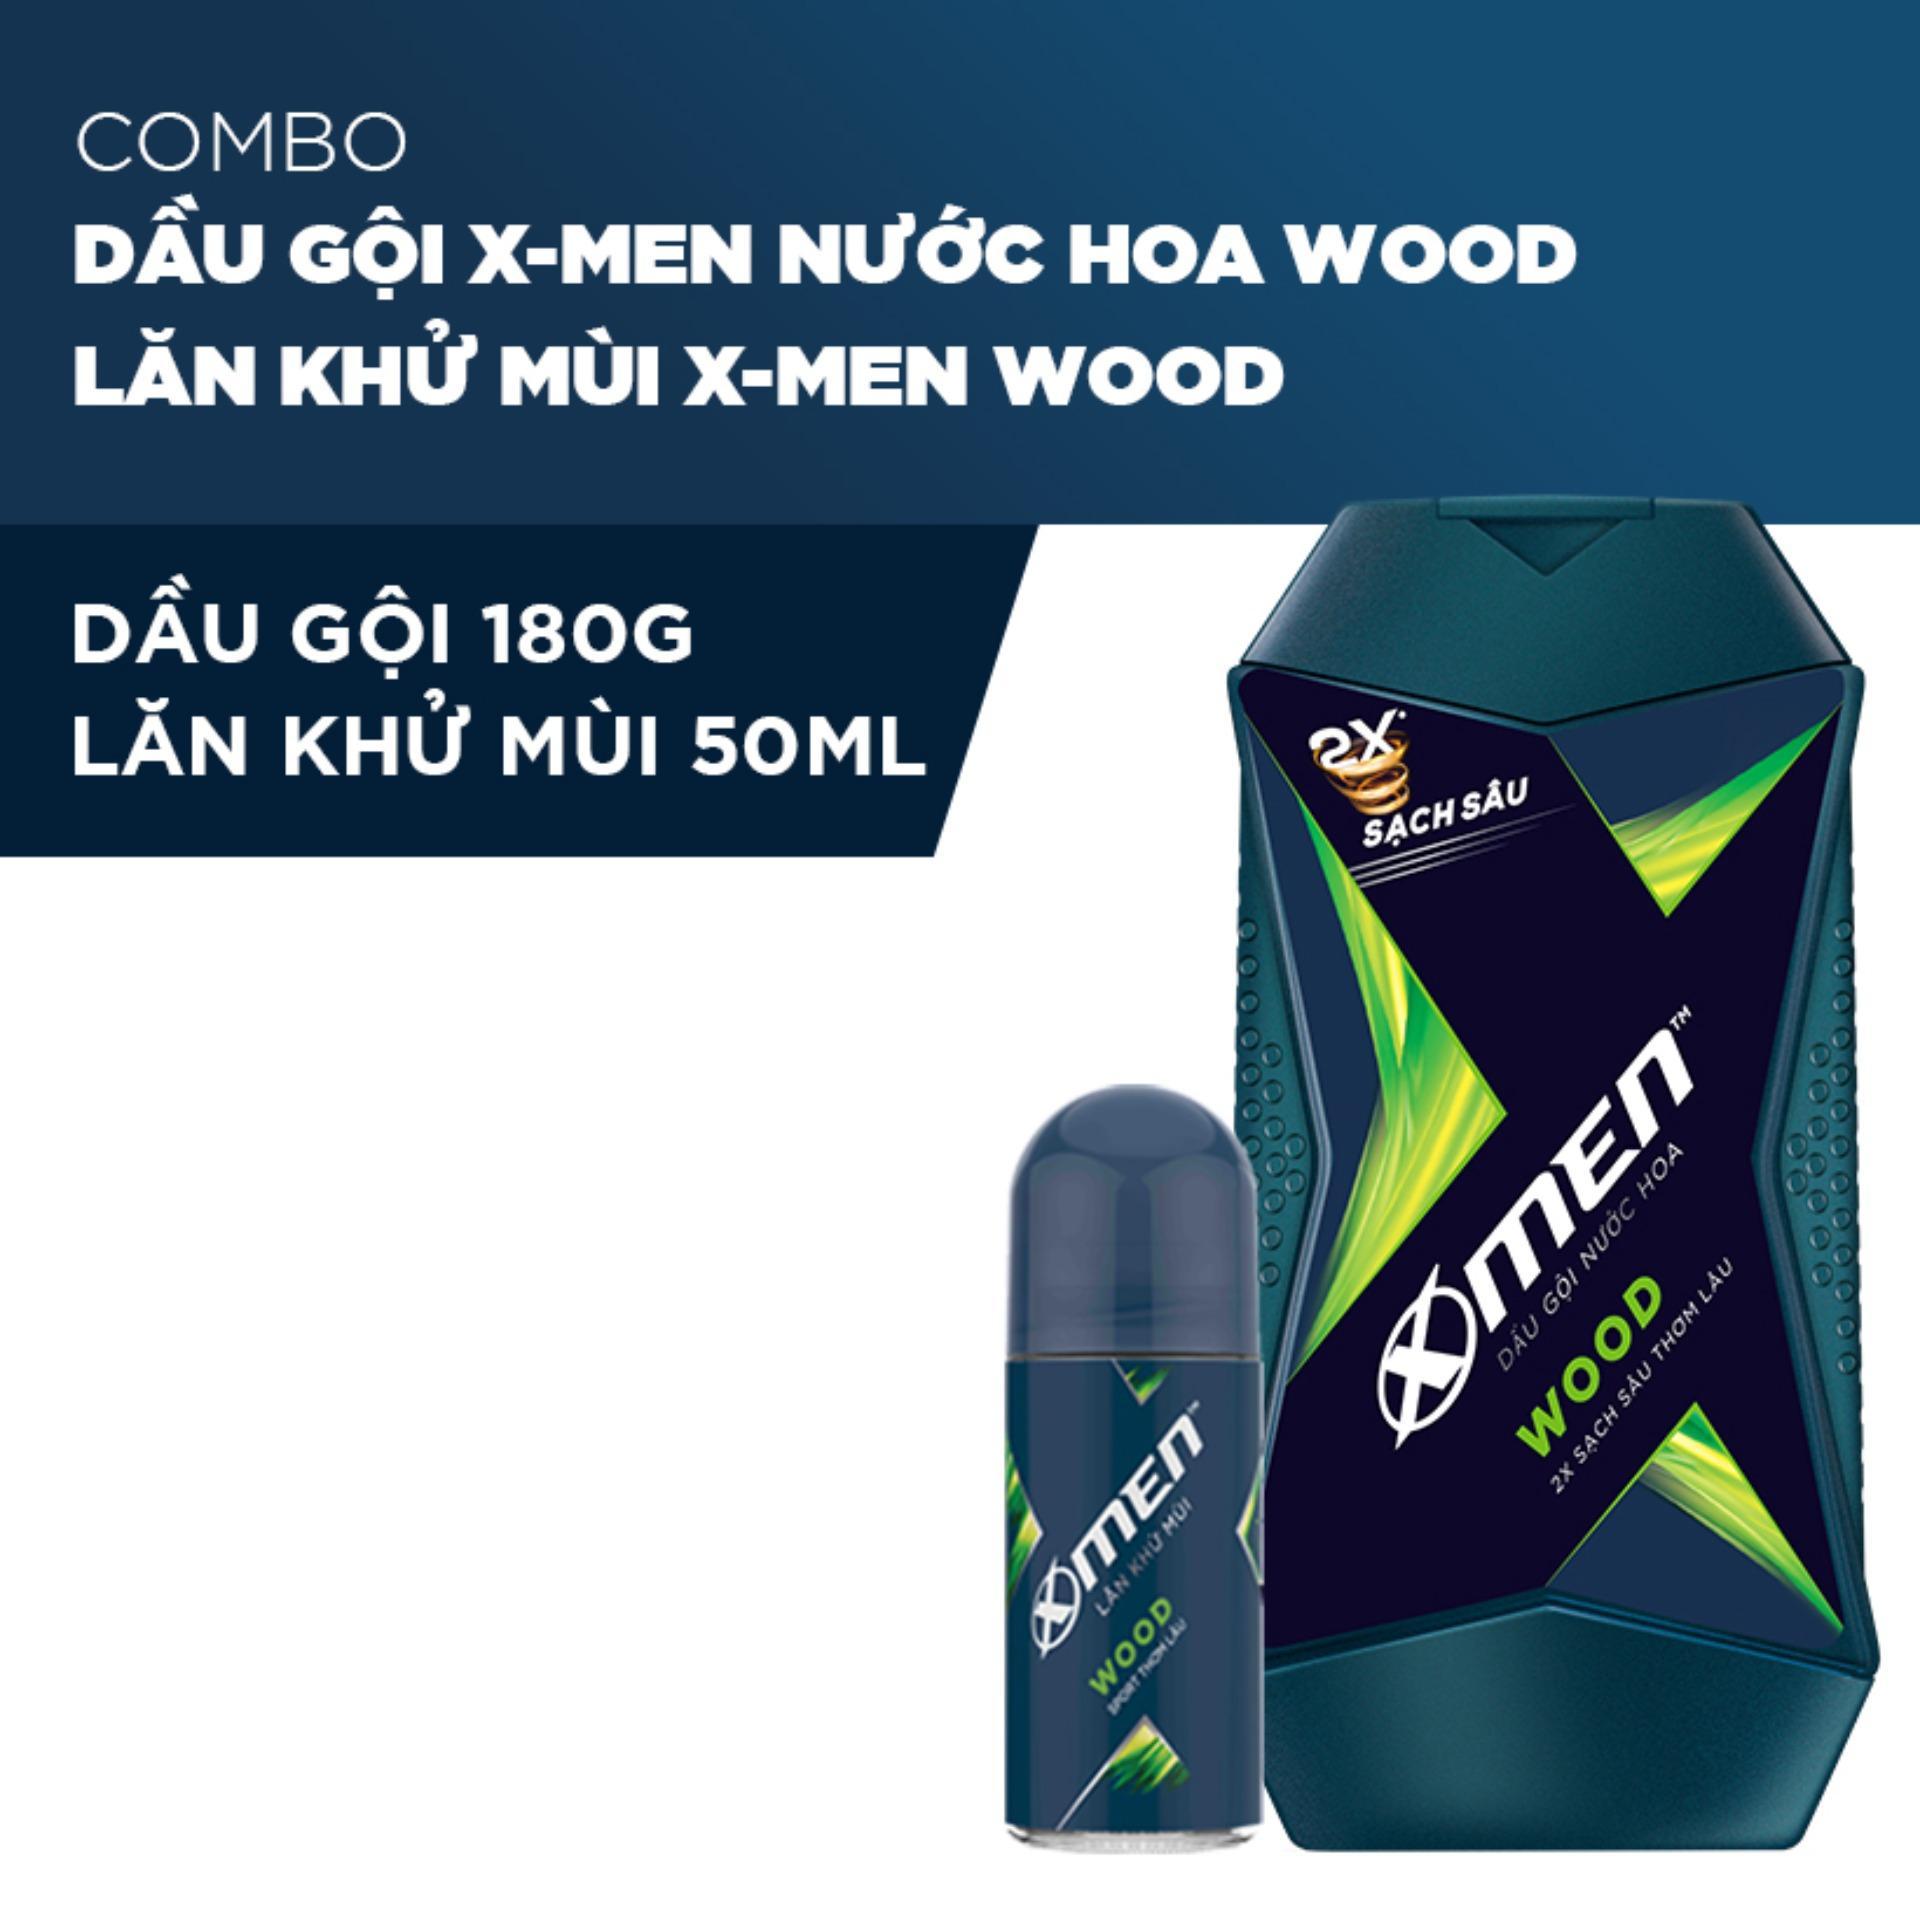 Combo Dầu Gội X-Men Nước hoa Wood 180g và Lăn khử mùi Xmen Wood 50ml